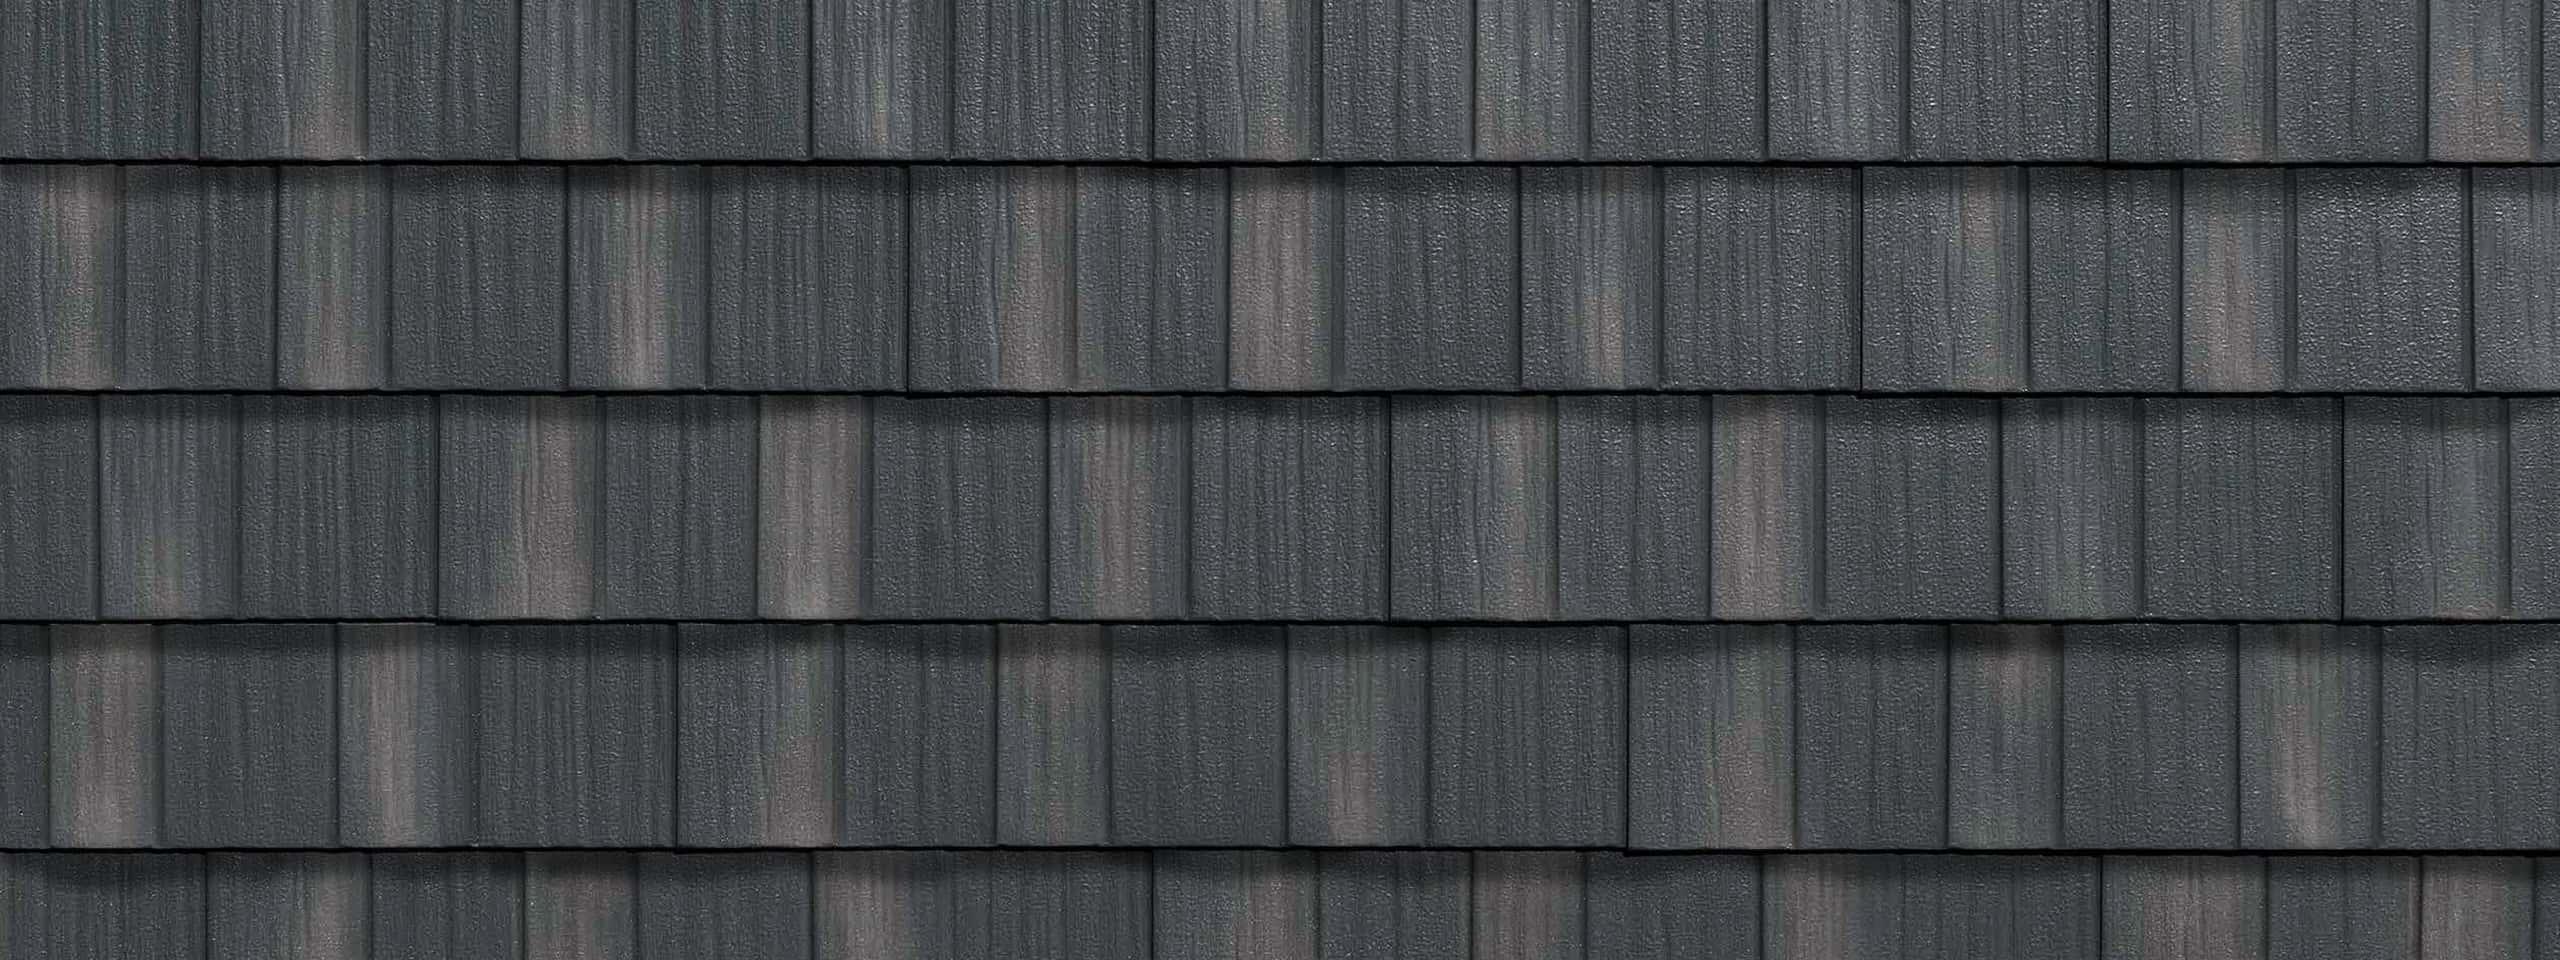 EDCO Infiniti® Textured Steel Shake Granite Gray Enhanced Swatch